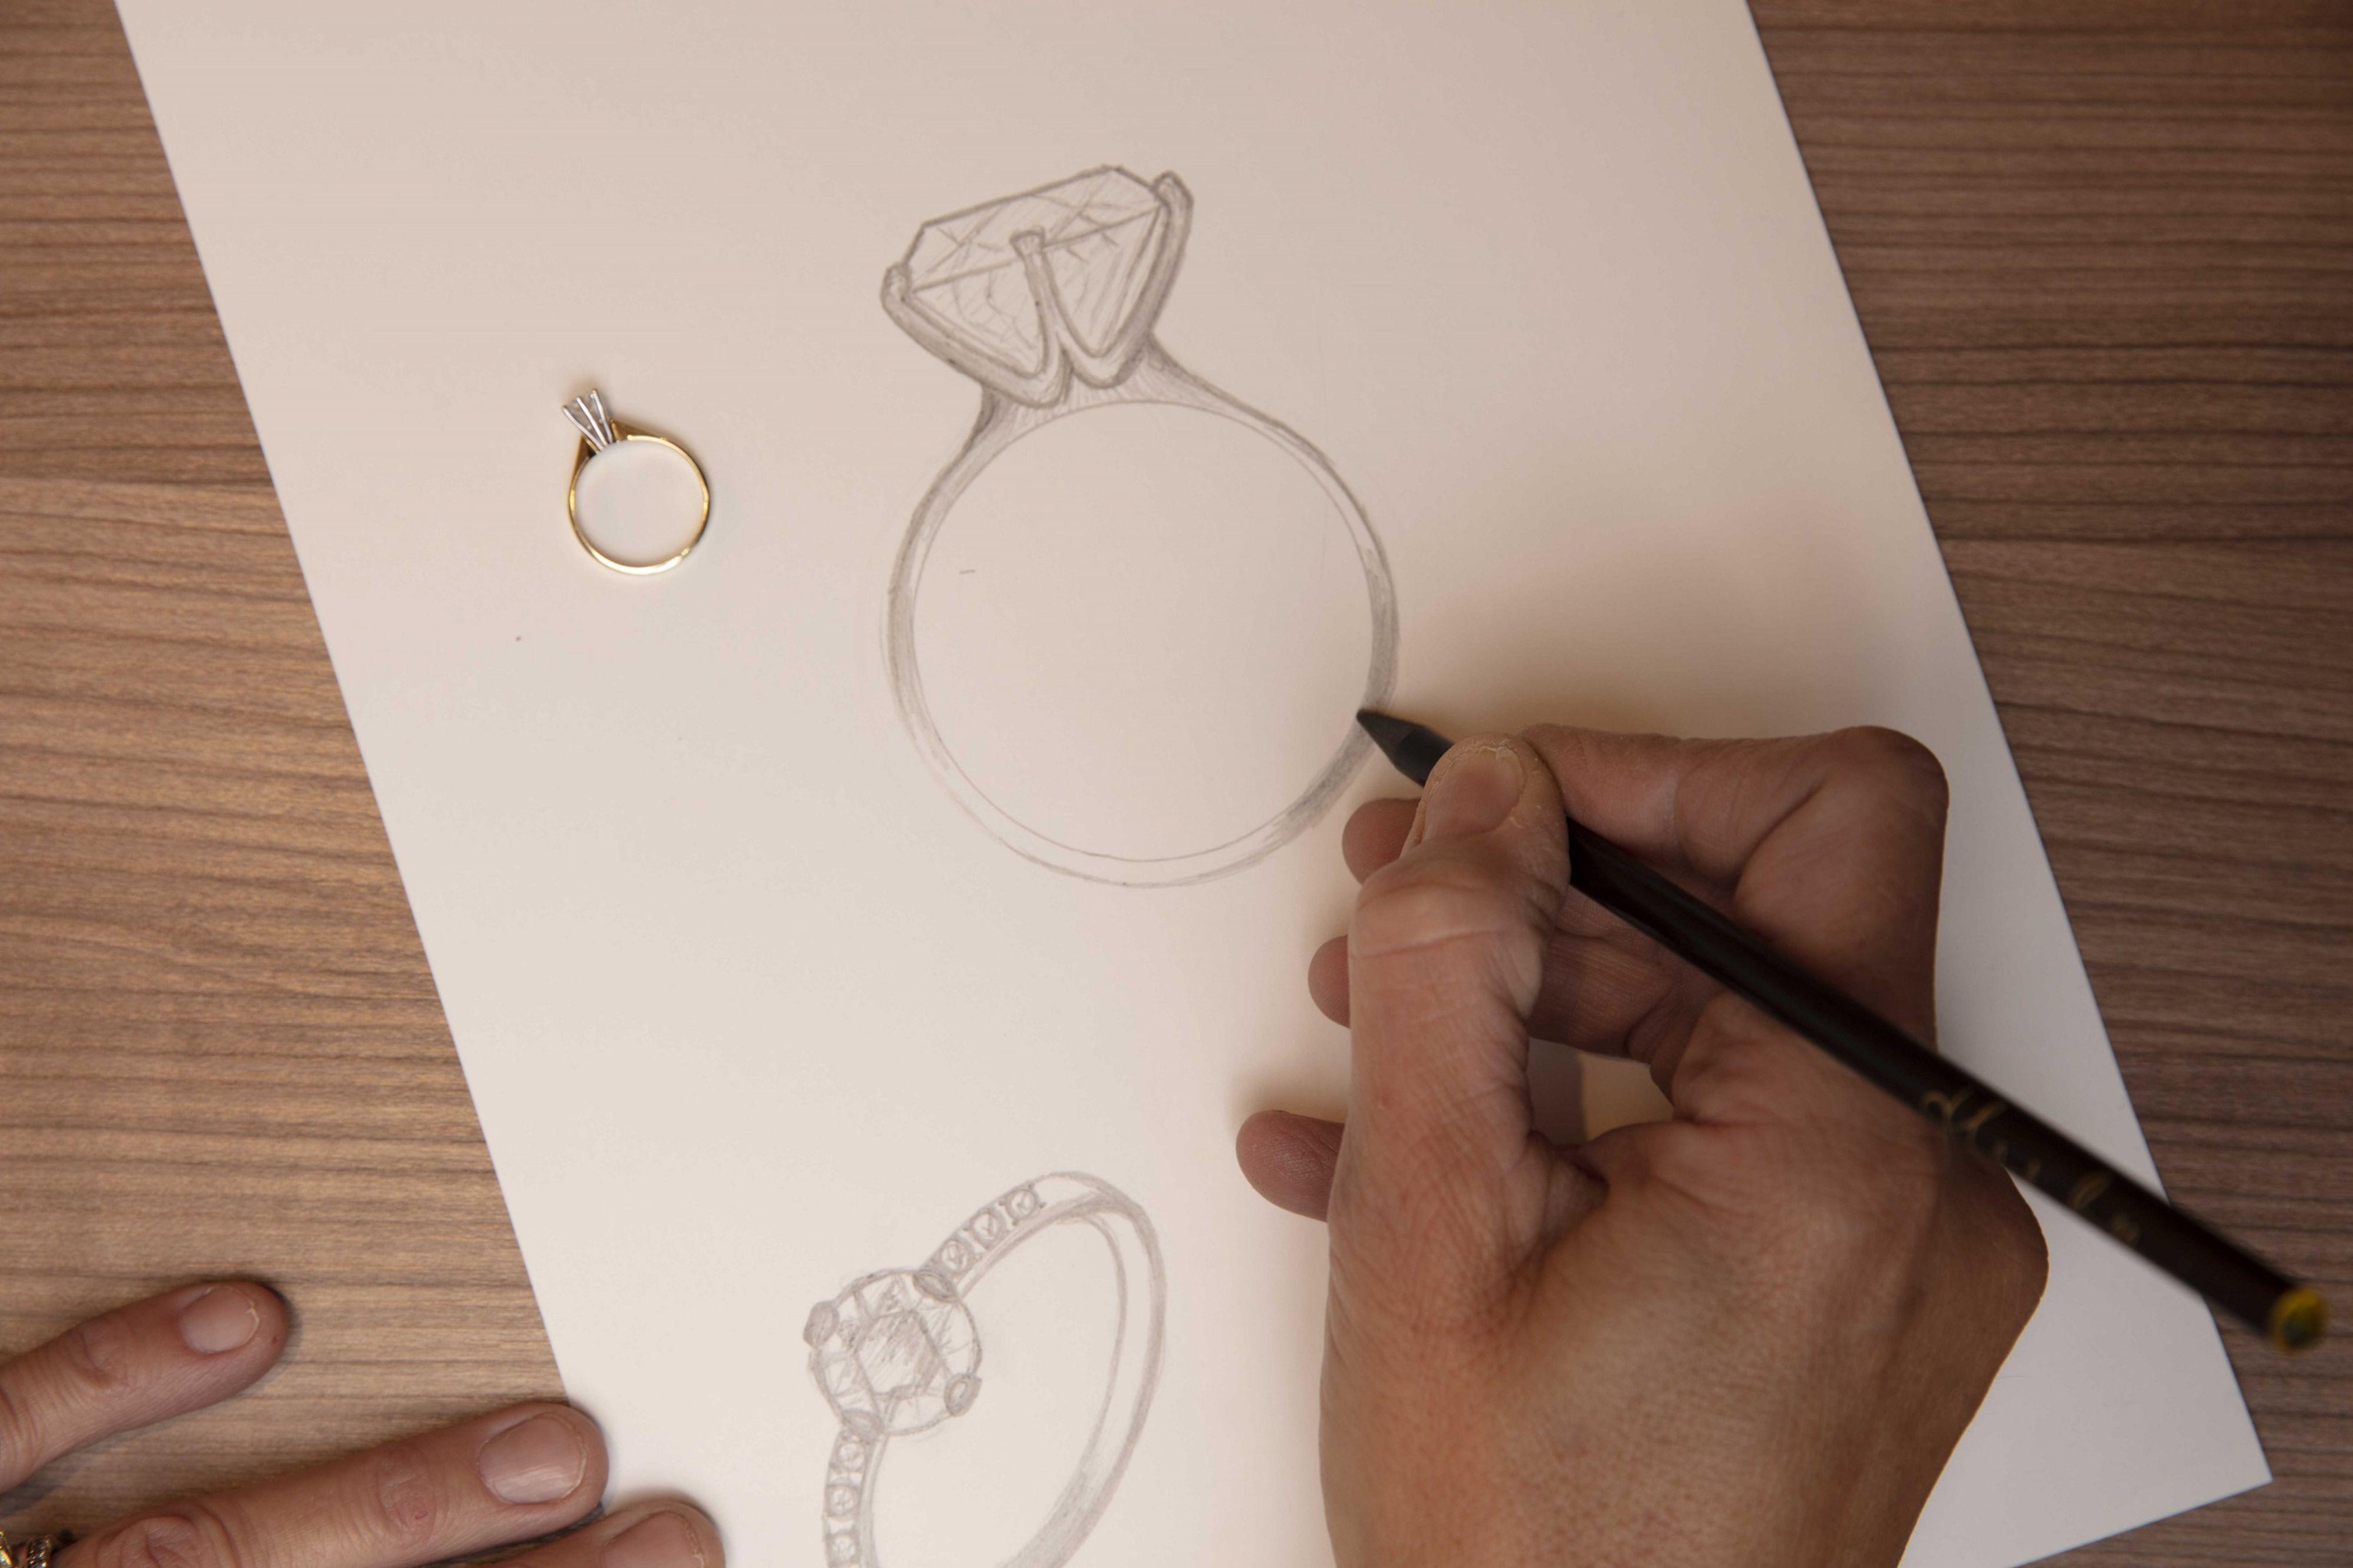 Rikkoert Juwelier eigen atelier